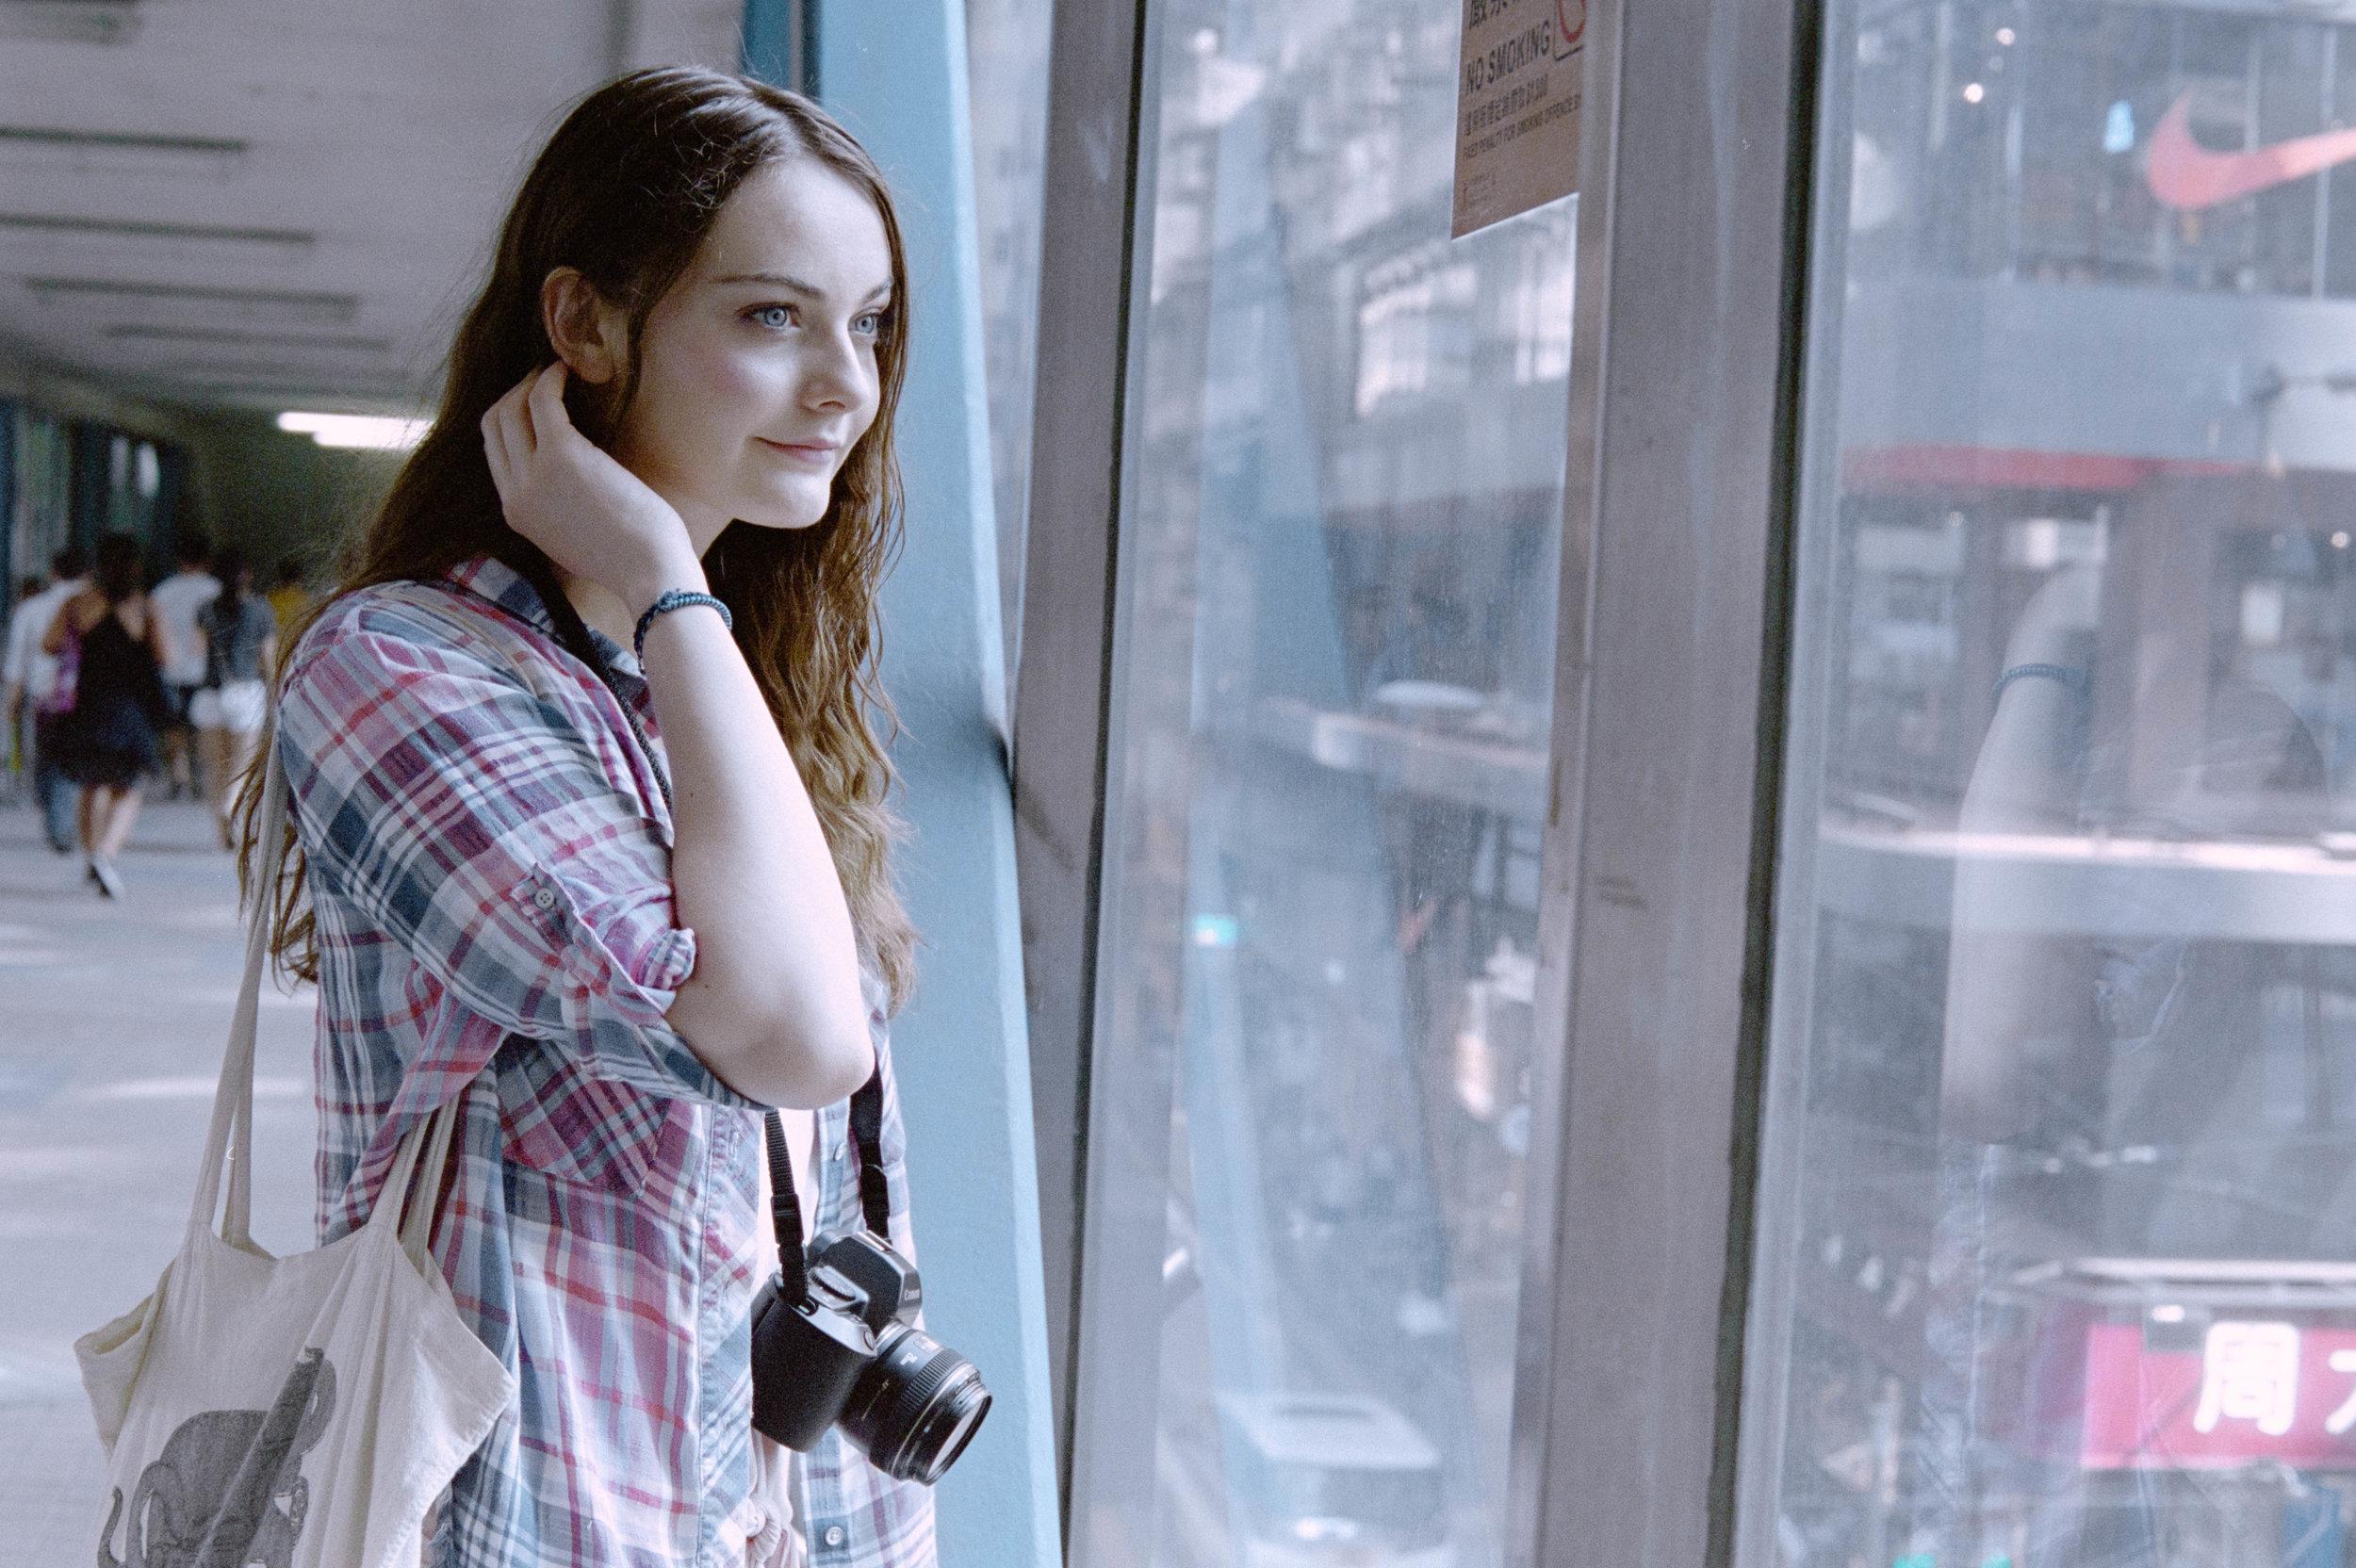 Nikon D850 + Nikon AF-S Micro 60mm f/2.8G + Nikon ES-2 - Shot in DX Mode + Negative Inversion with Tonal Curve Adjustment in Lightroom